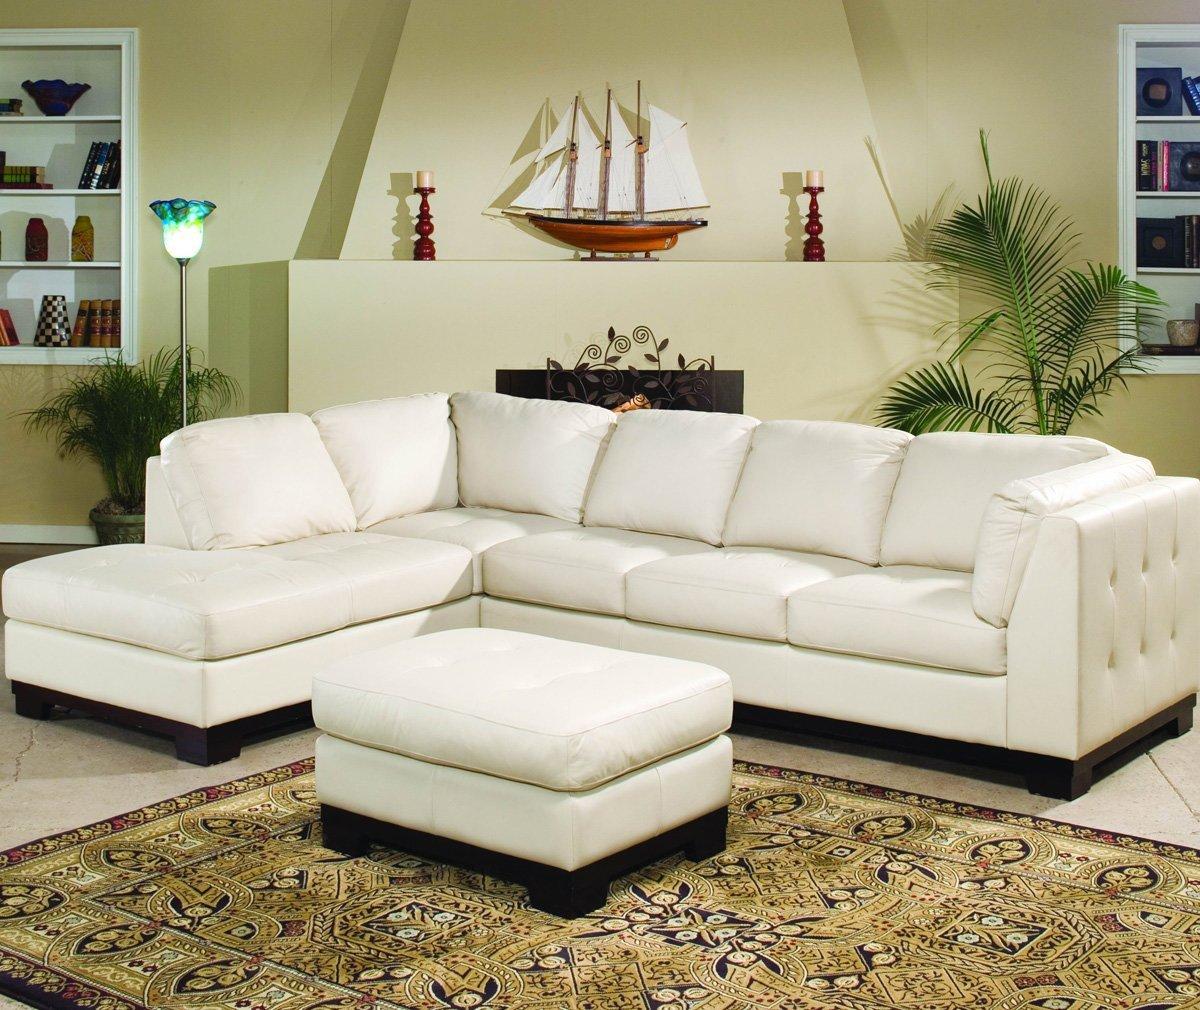 Угловая мягкая мебель для гостиной фото